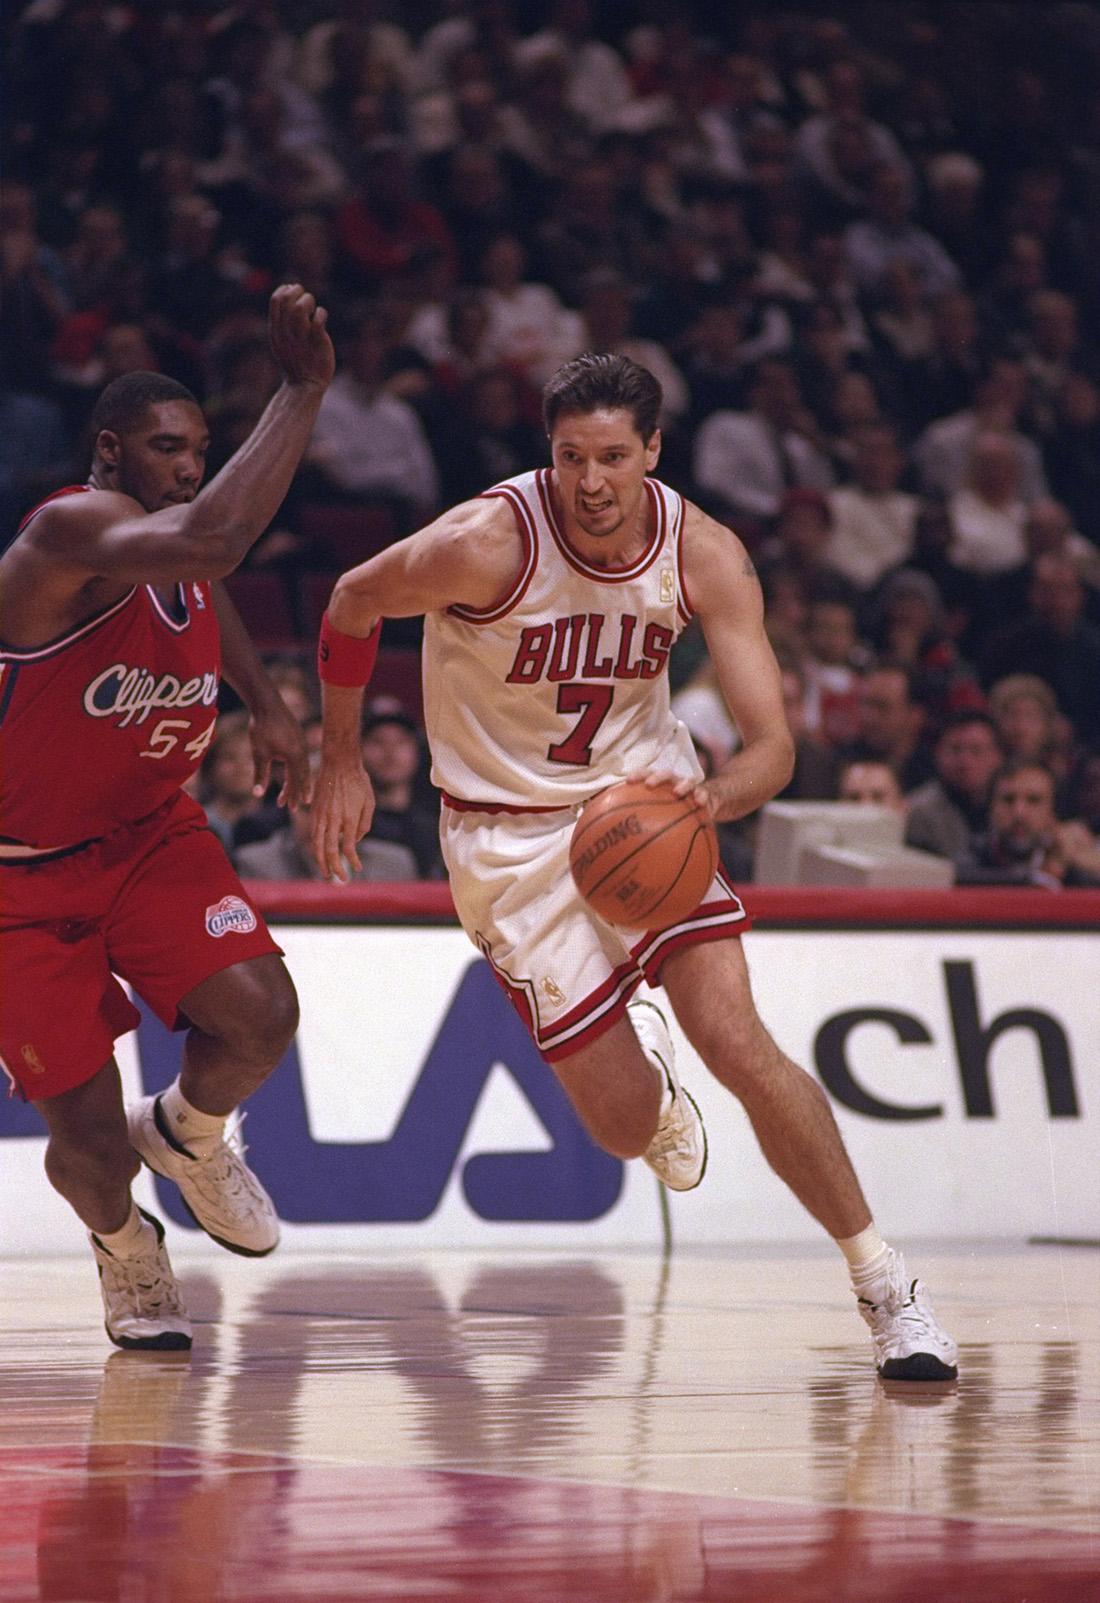 Toni Kukoc de los Bulls en viva basquet